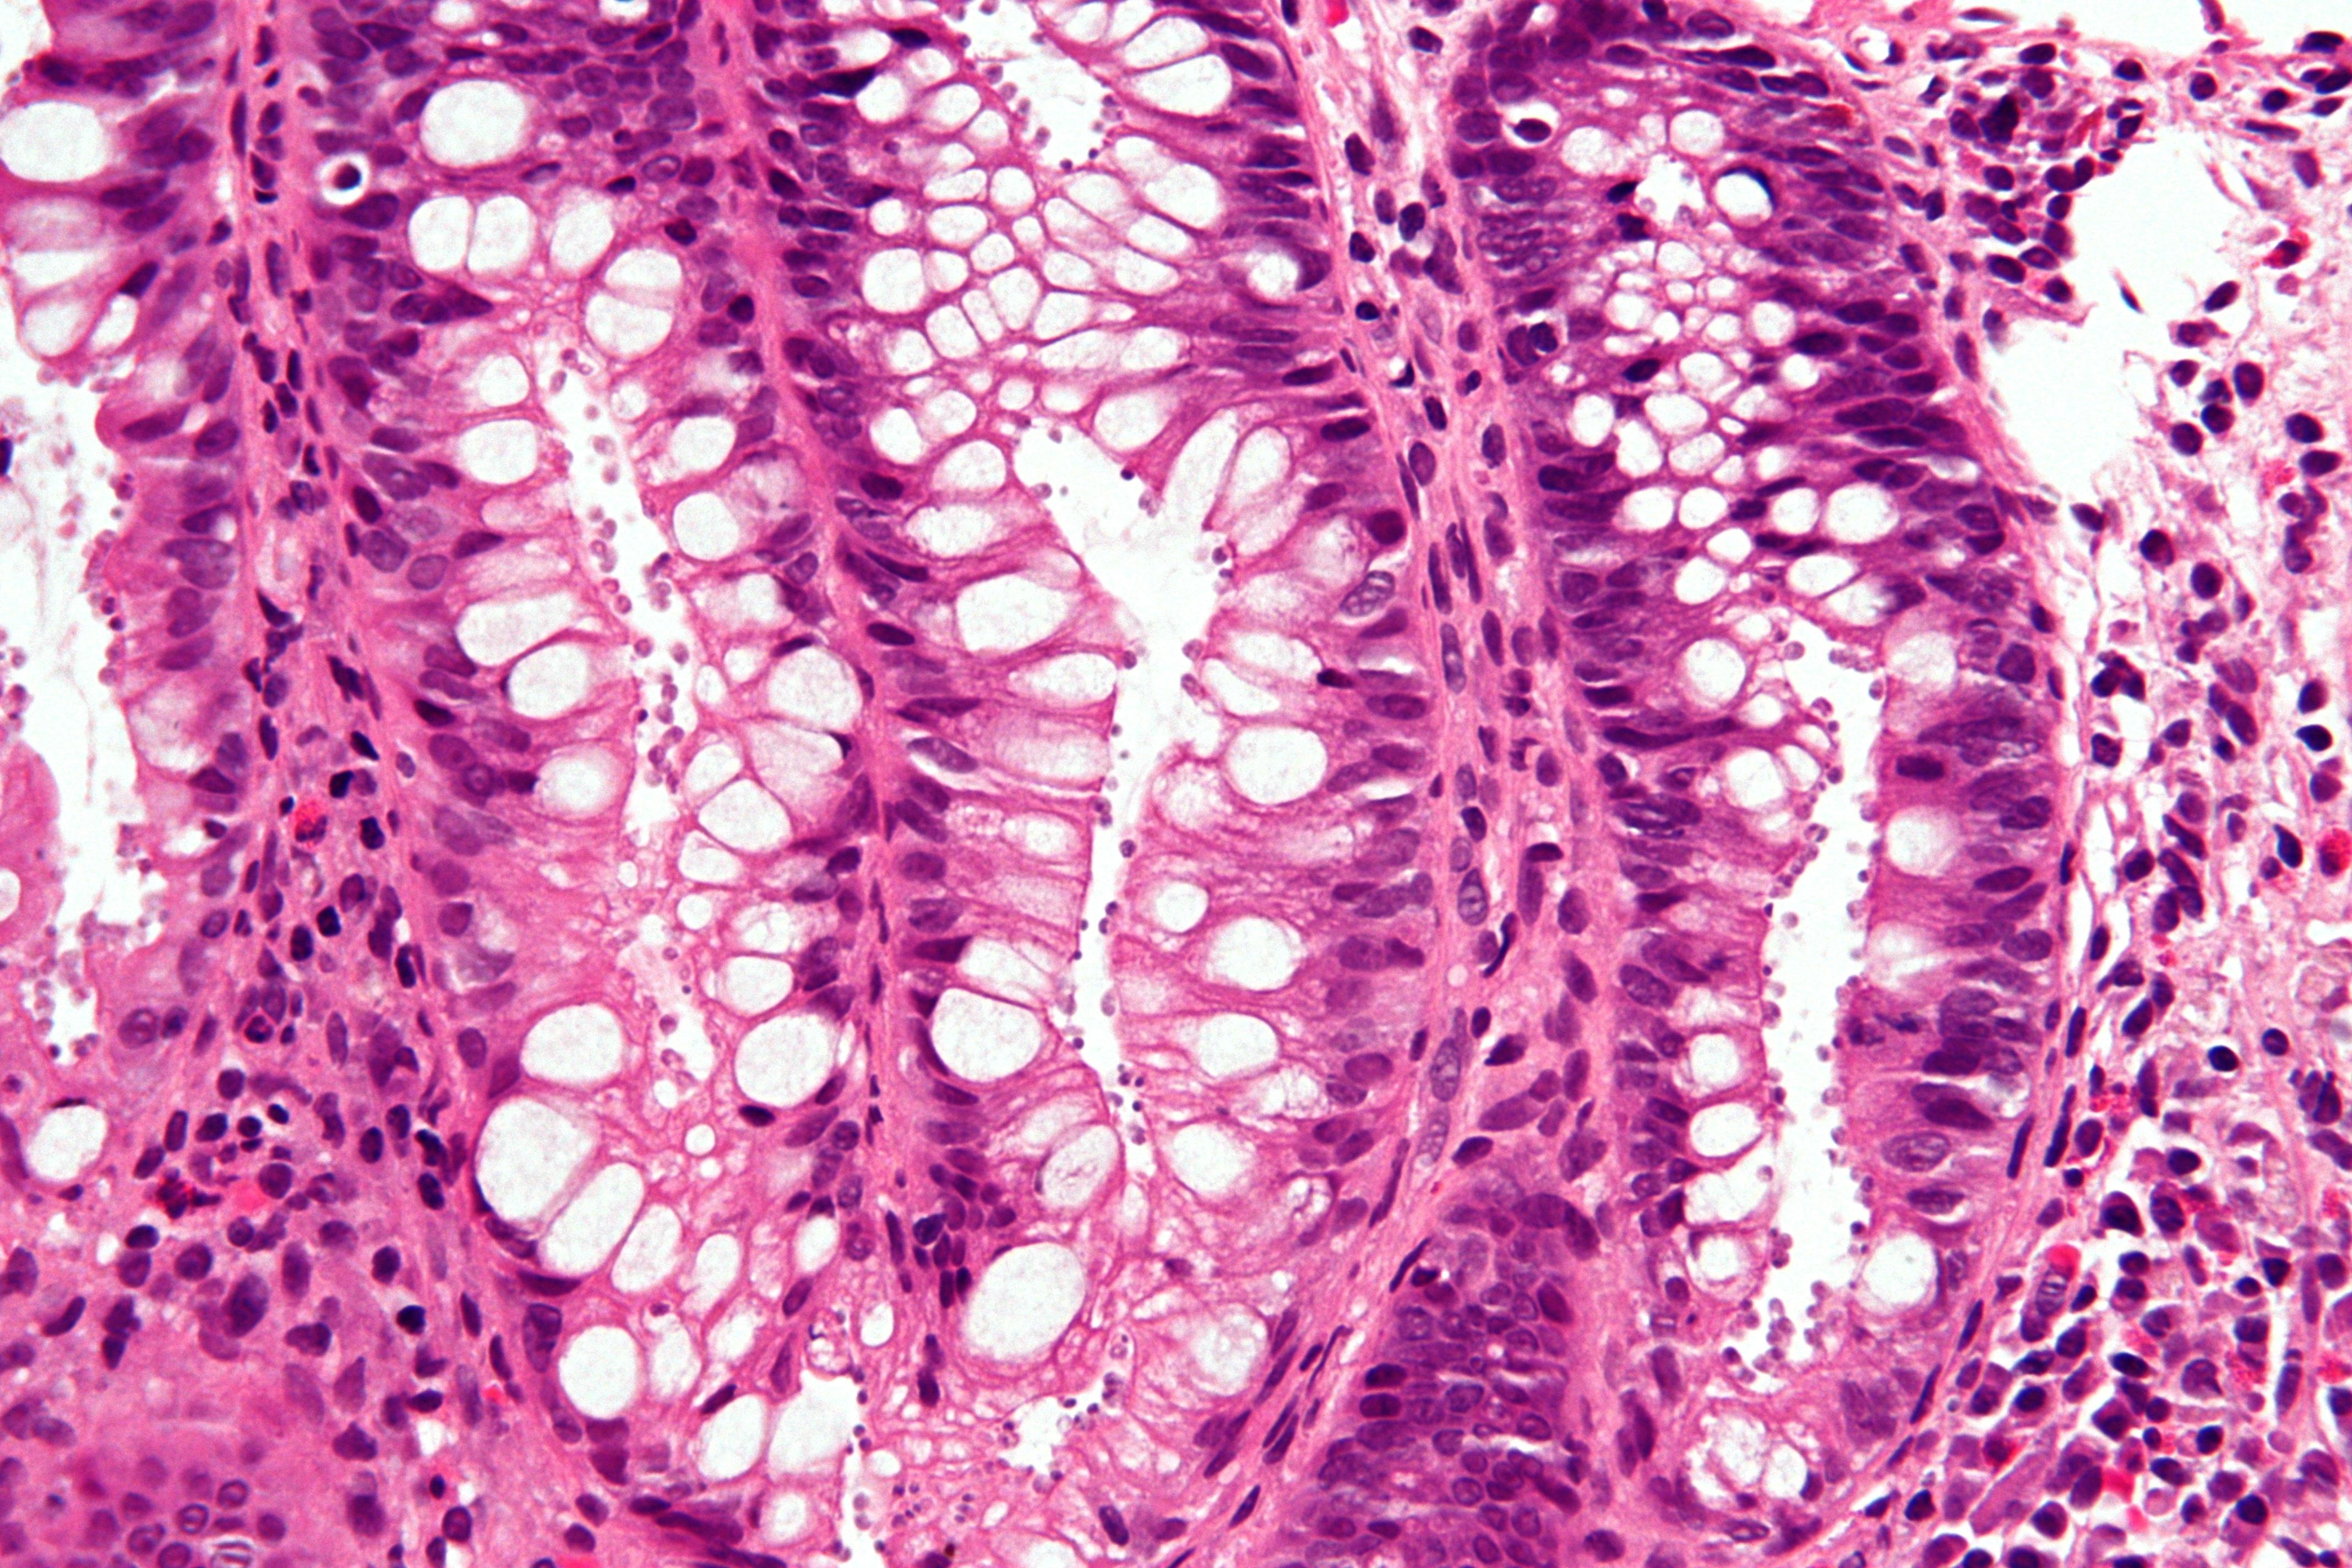 Cyclosporiasis